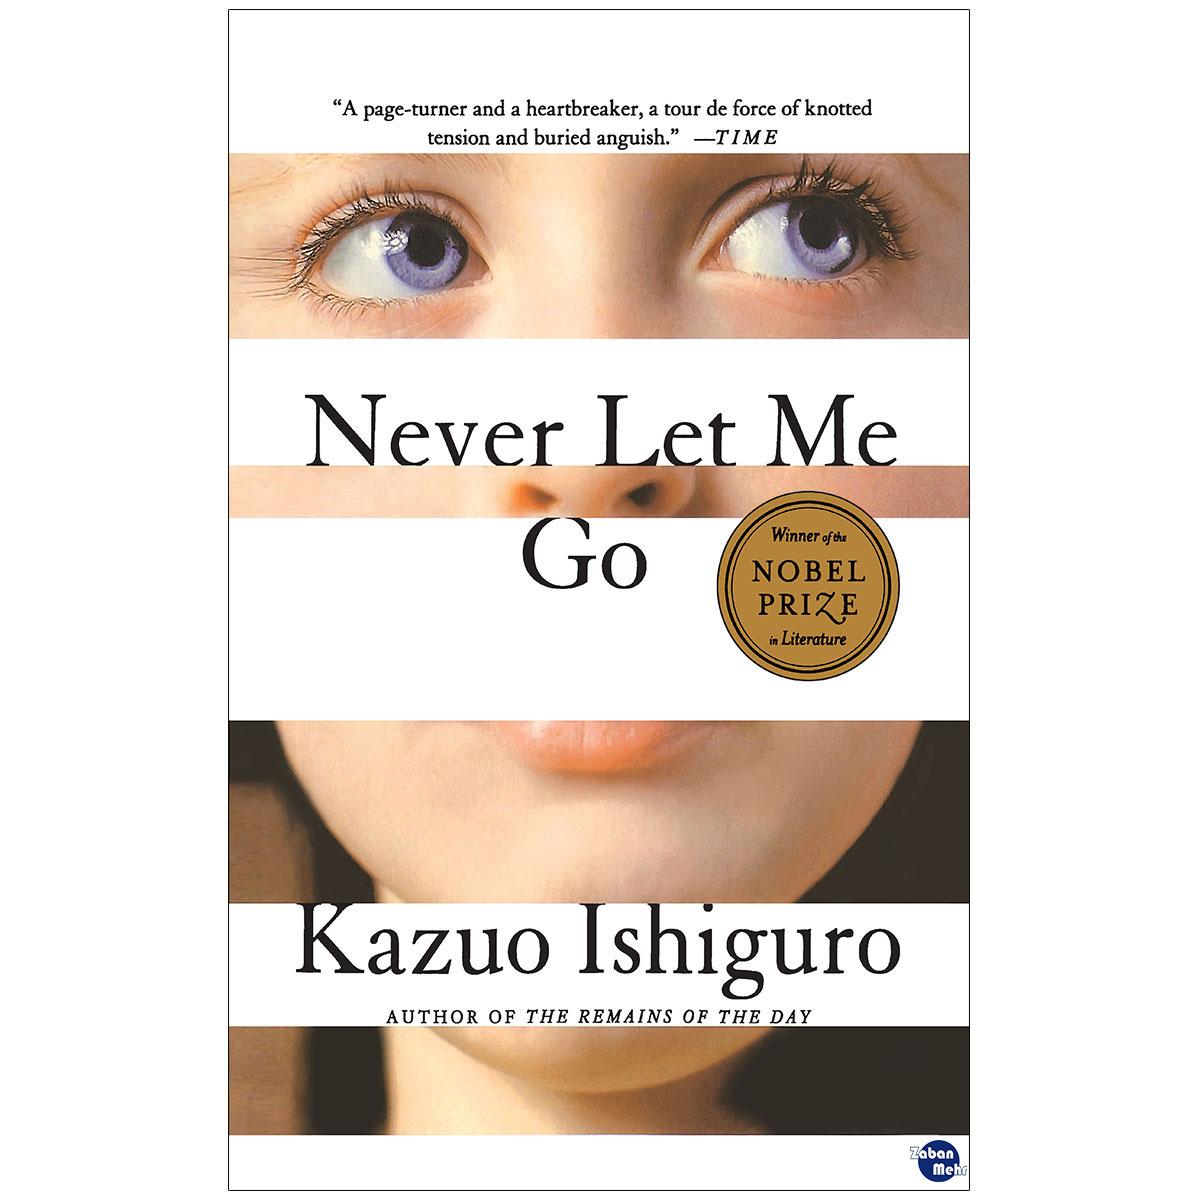 کتاب Never Let Me Go اثر Kazuo Ishiguro انتشارات زبان مهر